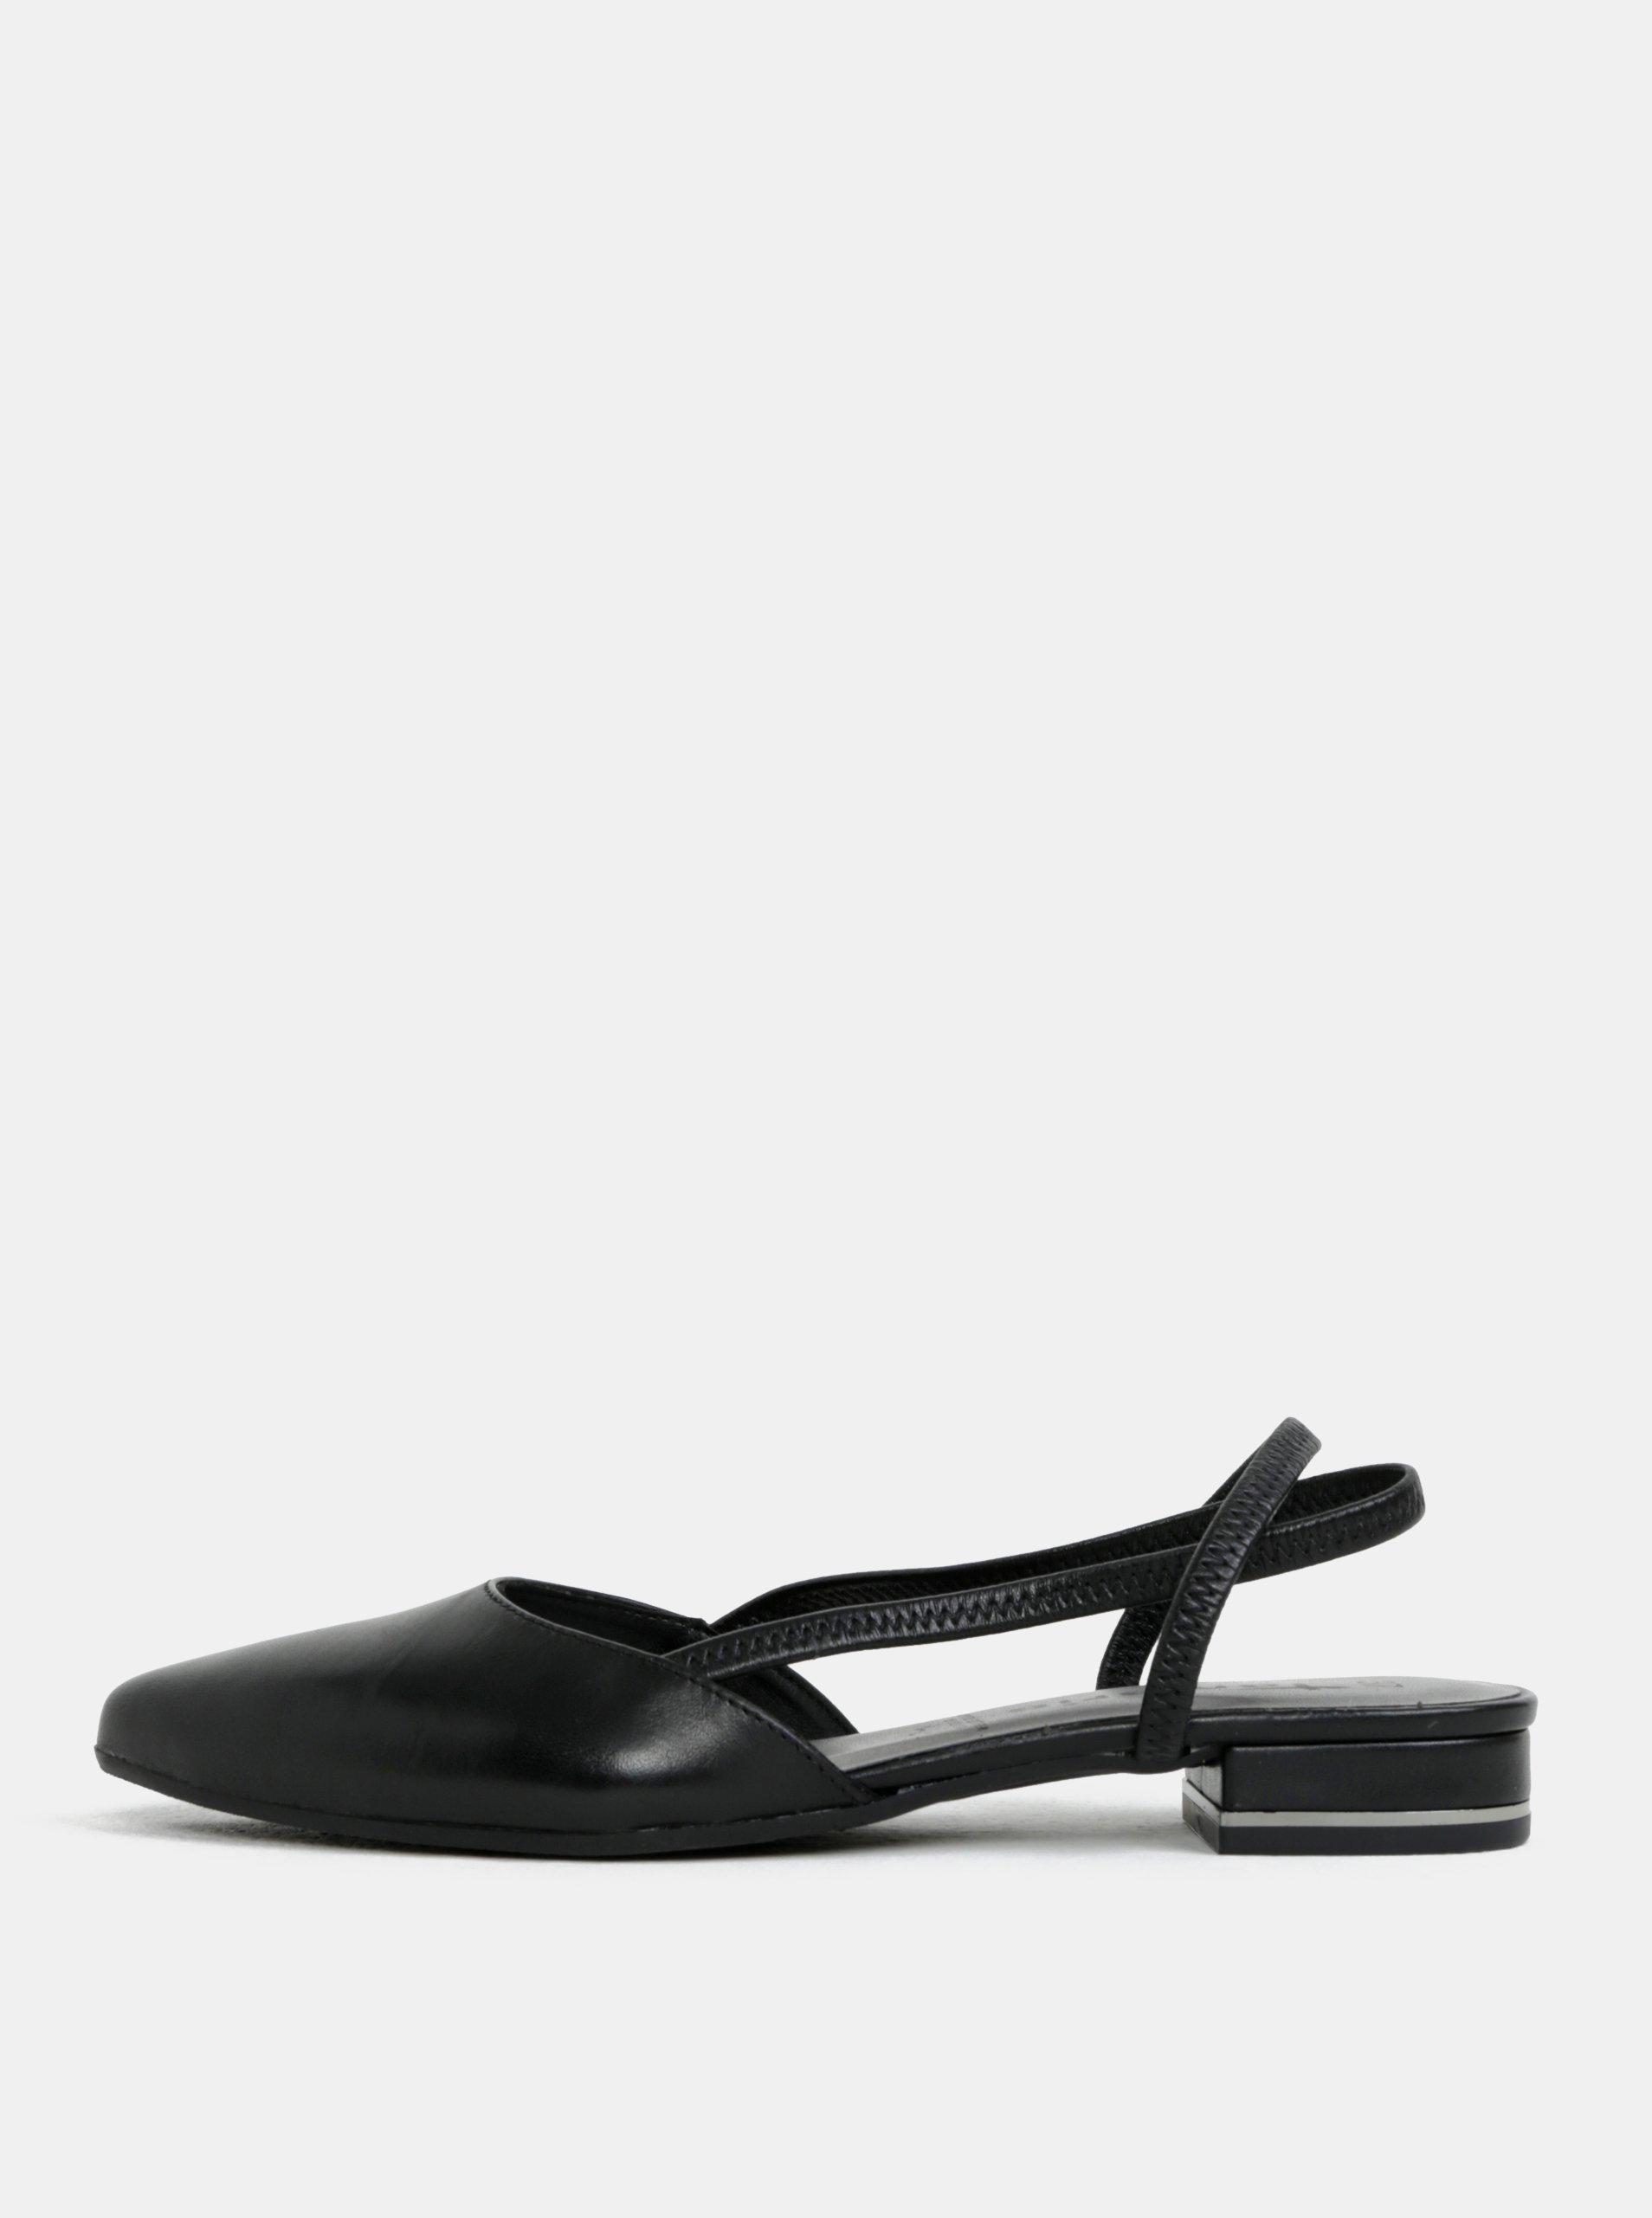 Čierne kožené sandále s plnou špičkou Tamaris 6fefcd36ac1